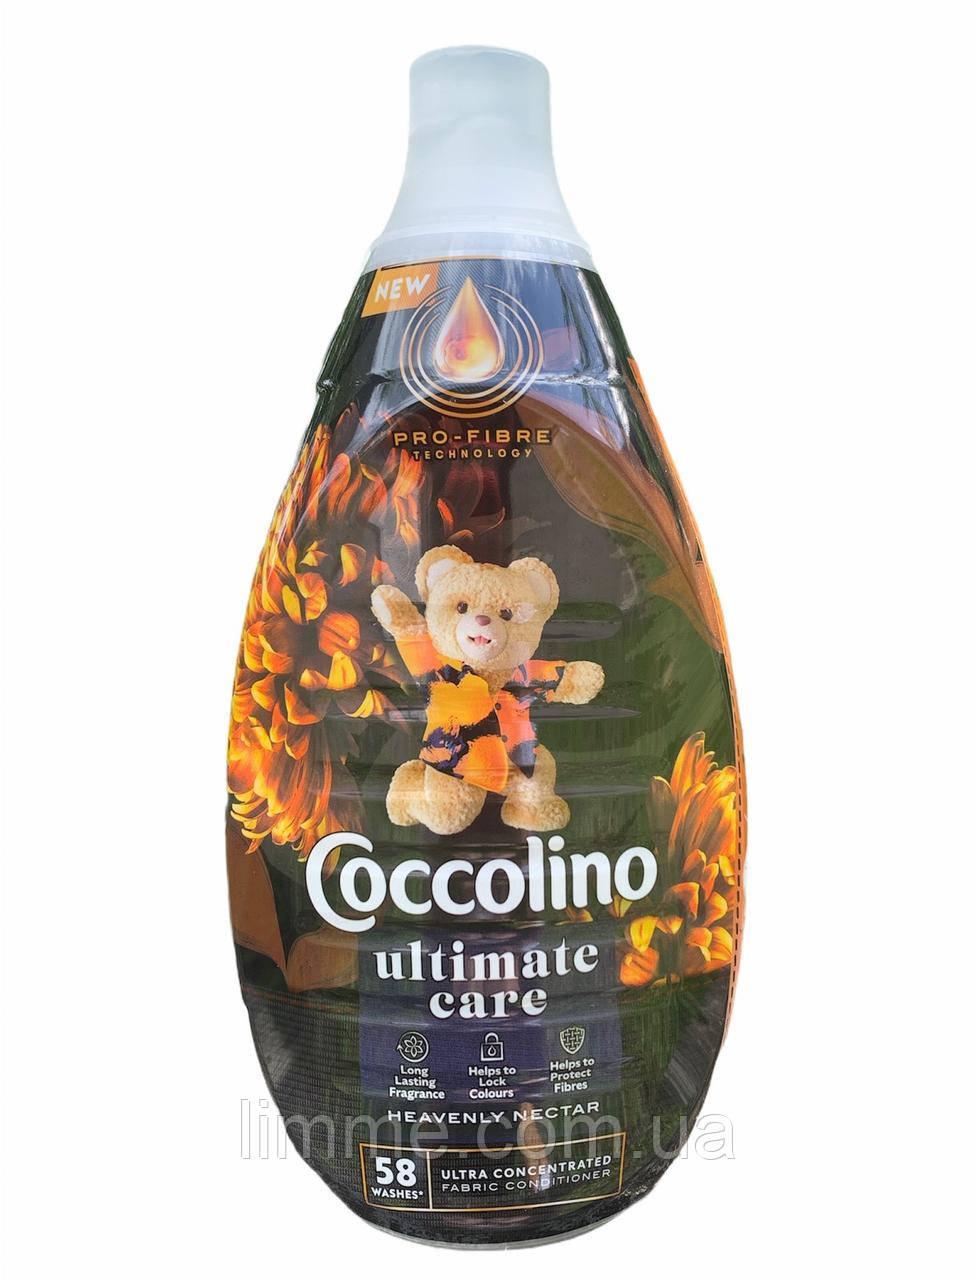 Концентрированный ополаскиватель тканей премиум класса Coccolino Deluxe Heavenly Nektar 870 ml.